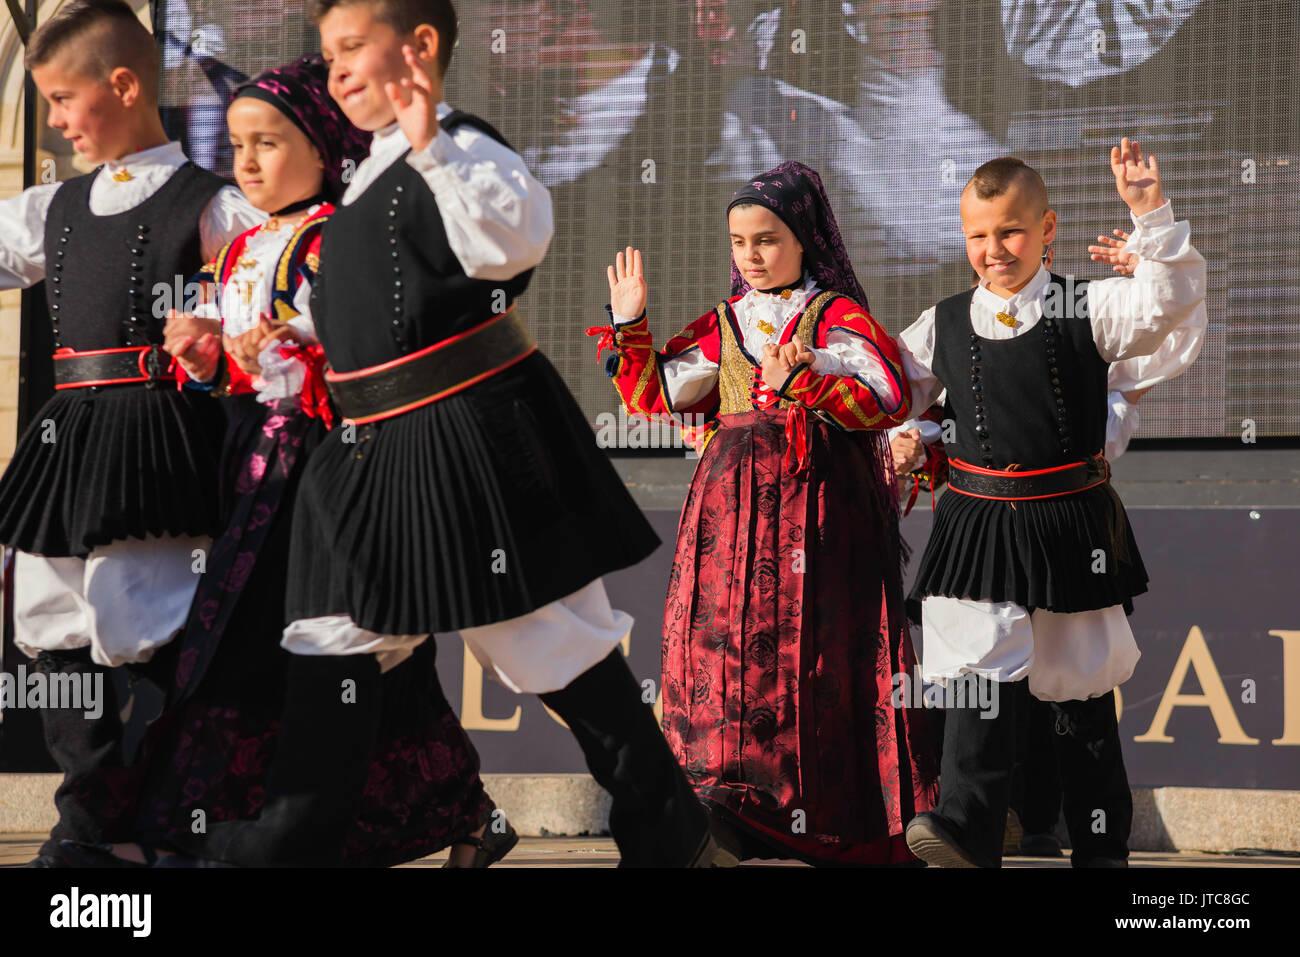 Sardinien Folk Festival, ein Kinder Volkstanzgruppe in der La Cavalcata Festival in Sassari, Sardinien teilnehmen. Stockbild